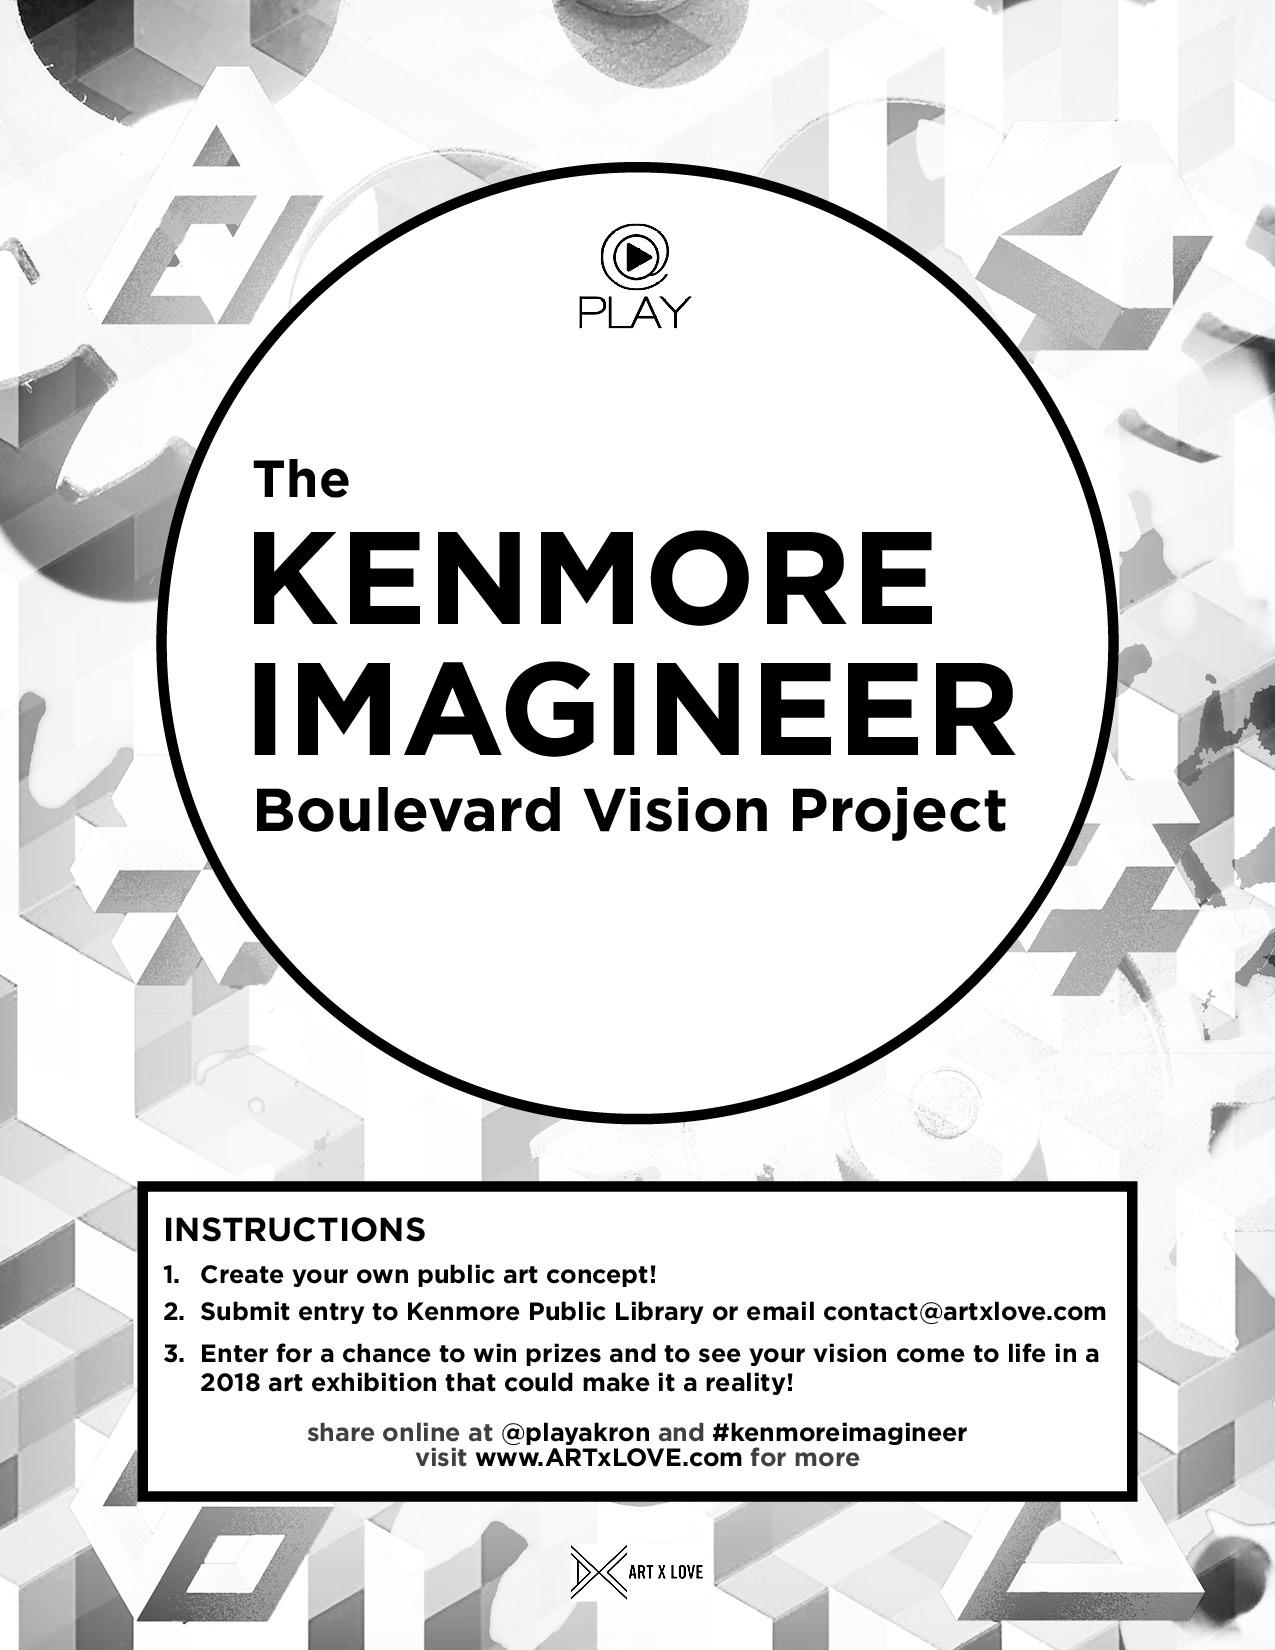 ARTxLOVE_Kenmore-Imagineer_coloring-book_final.jpg